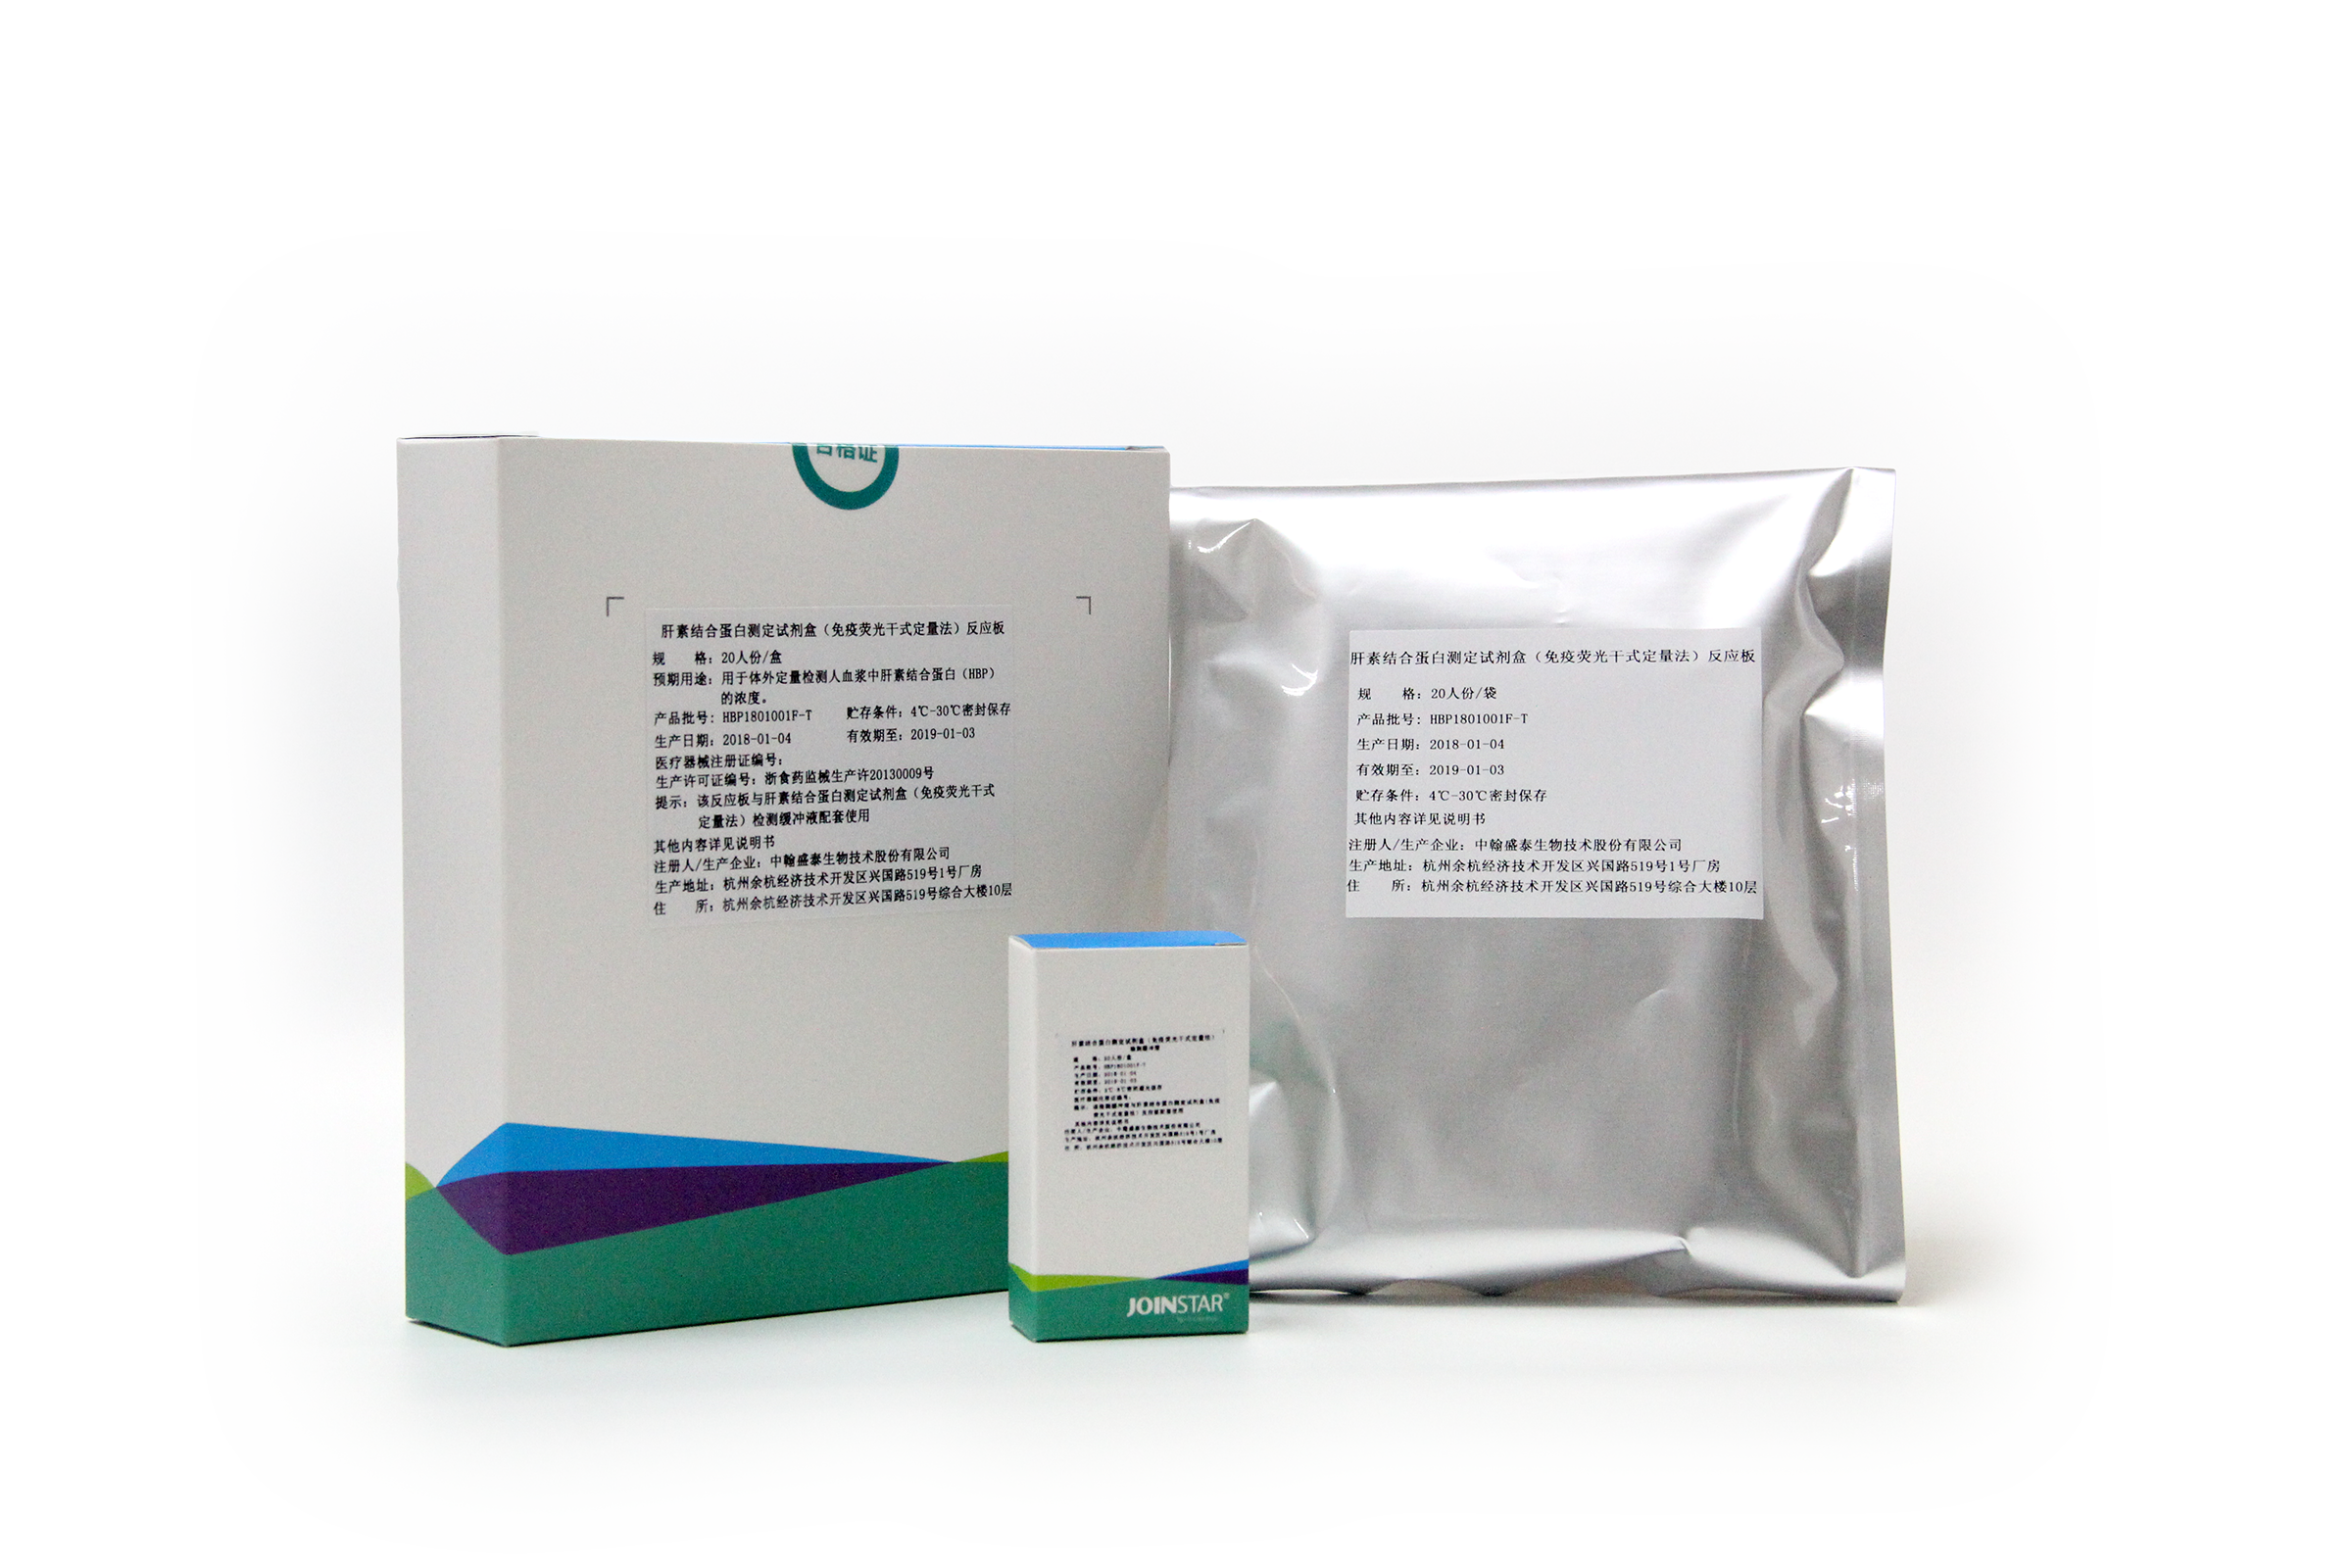 (JS系列)肝素结合蛋白测定试剂盒(免疫荧光干式定量法)